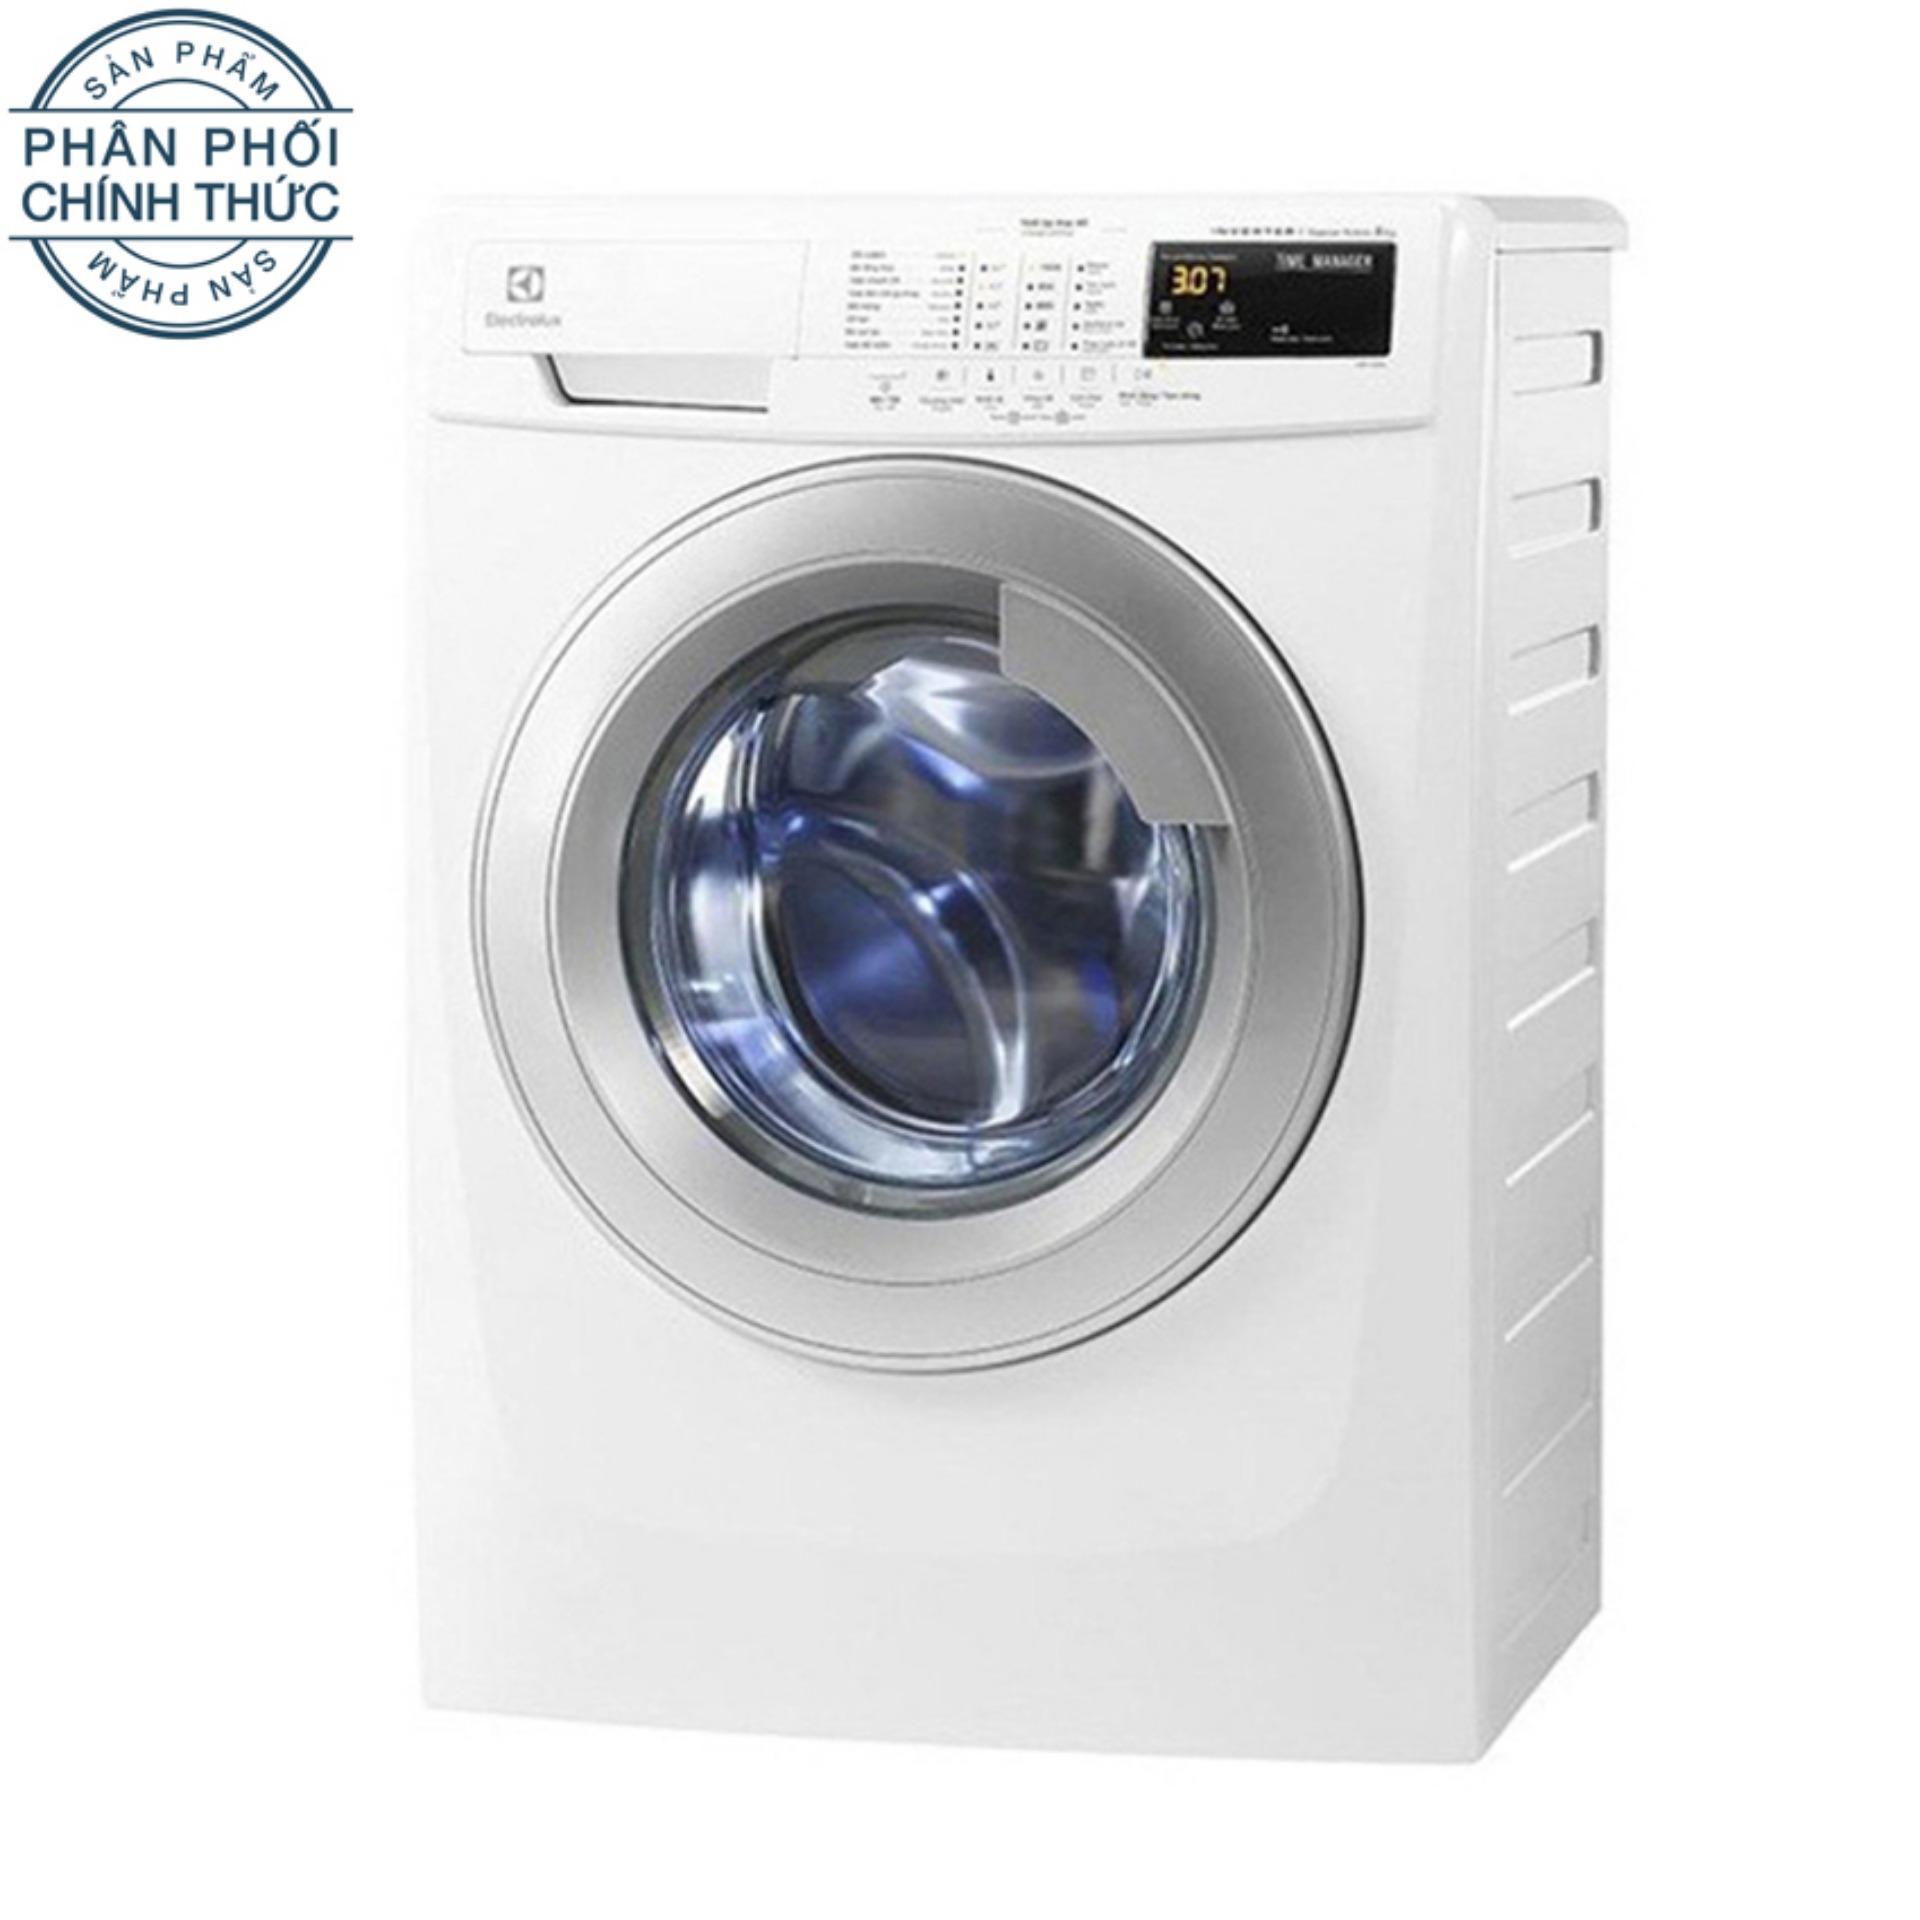 Máy Giặt Cửa Trước Inverter Electrolux EWF12844 (8.0 Kg)